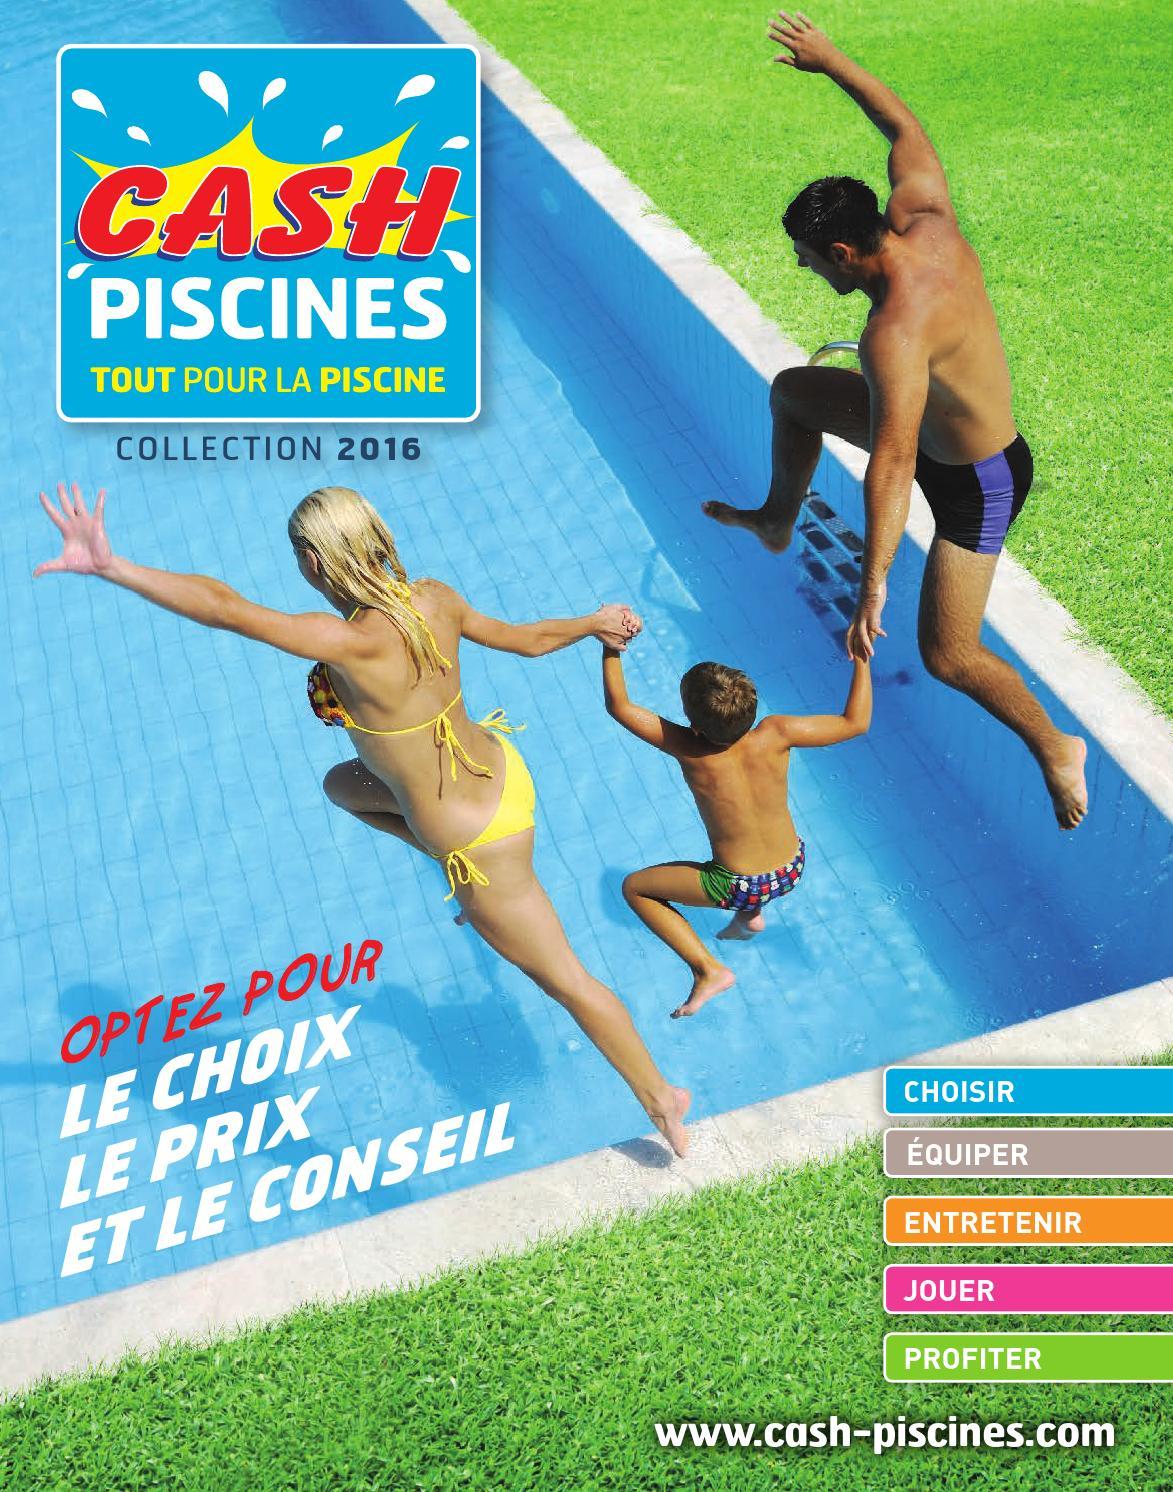 Cash Piscines 2016 By Octave Octave - Issuu à Cash Piscine Toulon